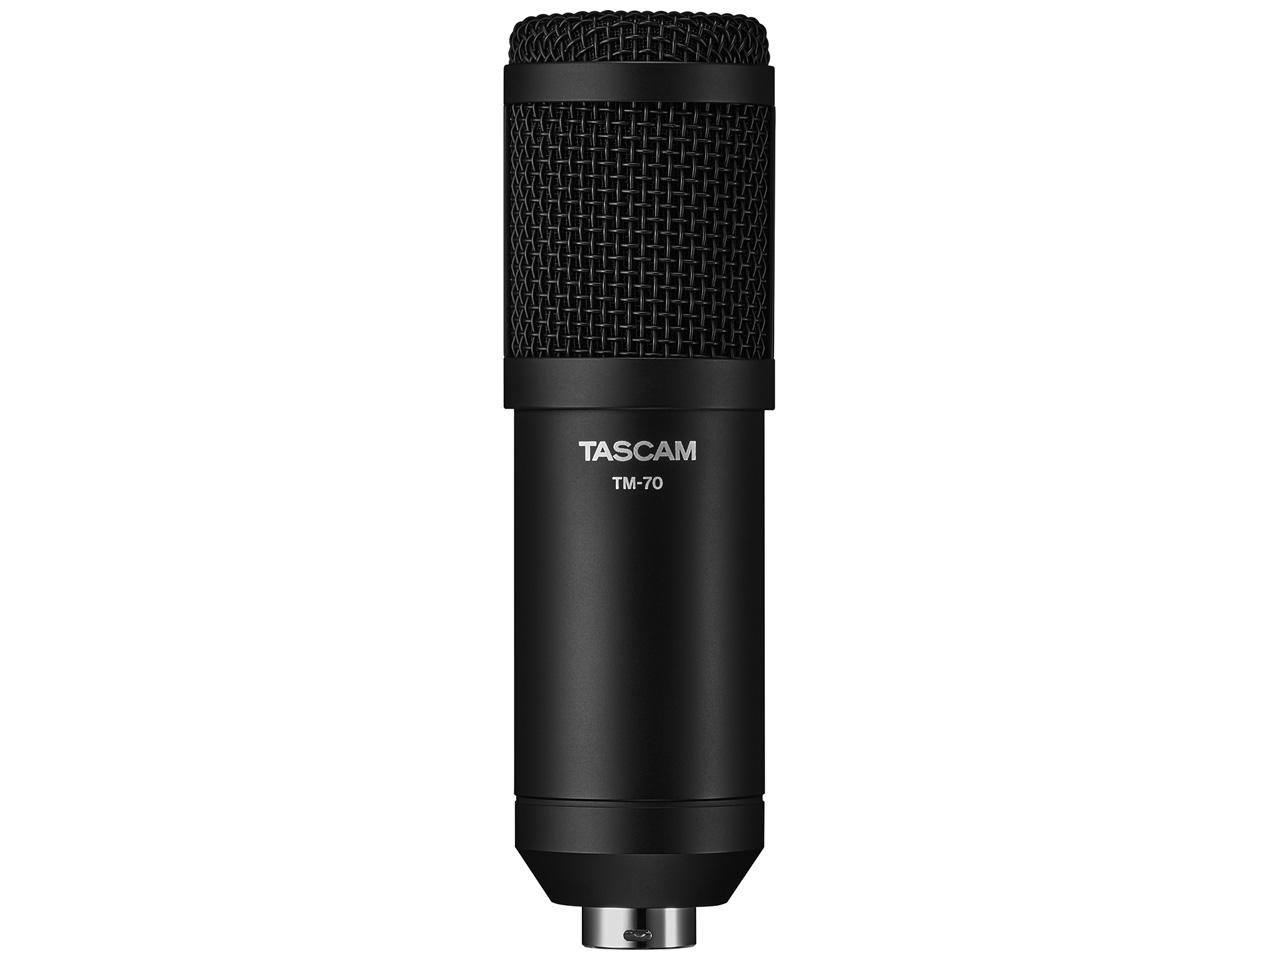 【即納可能】TASCAM TM-70(新品)【送料無料】